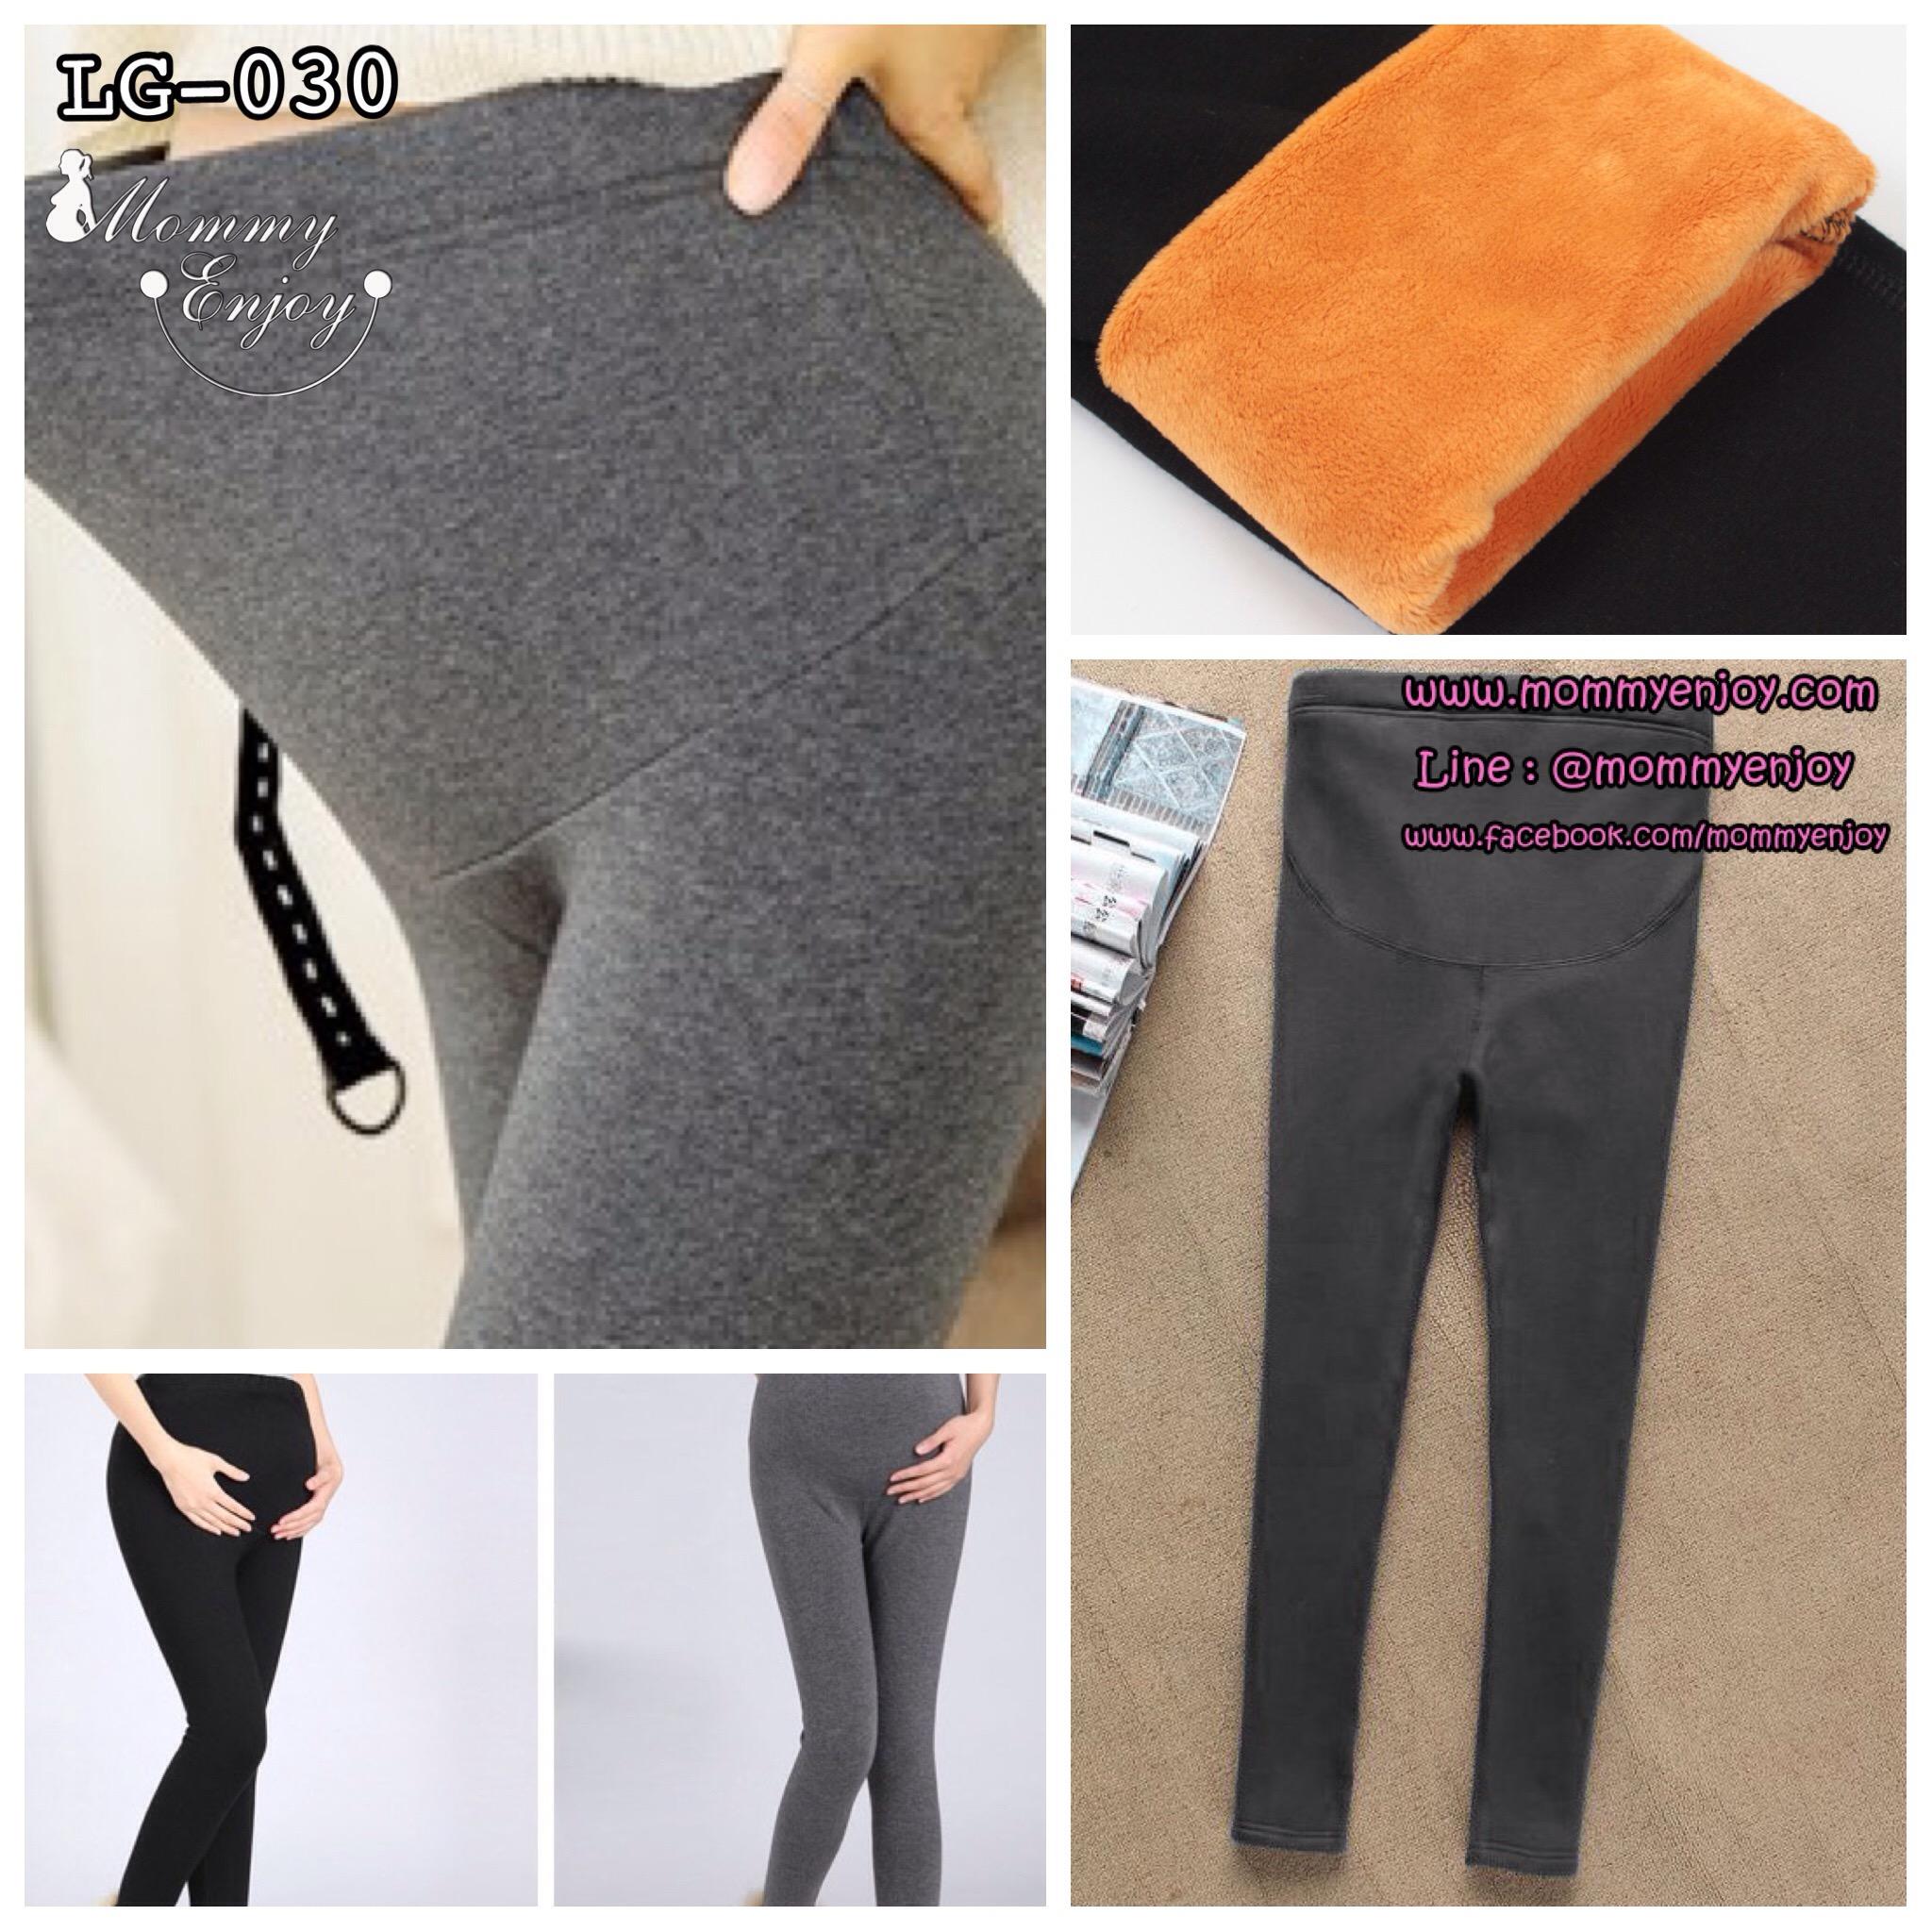 กางเกงเลคกิ้งคนท้อง บุขนกันหนาว เนื้อผ้าแบบพรีเมียม ใส่สบายอุ่นมีสายปรับครรภ์ M,L,XL,XXL